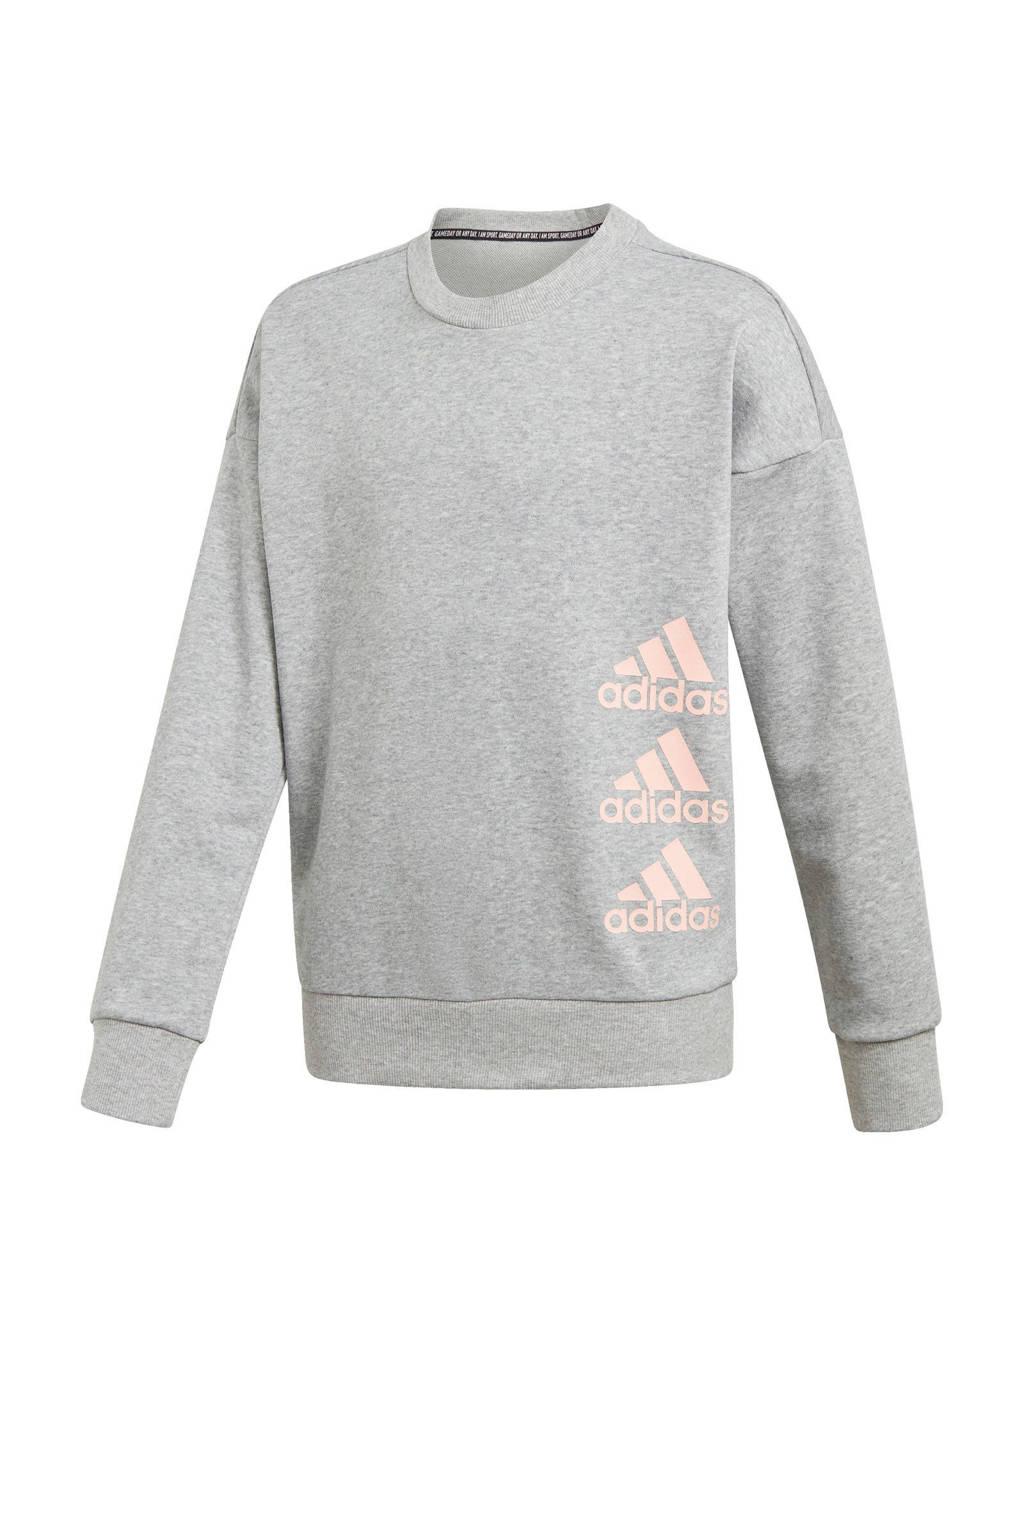 adidas Performance sportsweater lichtgrijs, Lichtgrijs